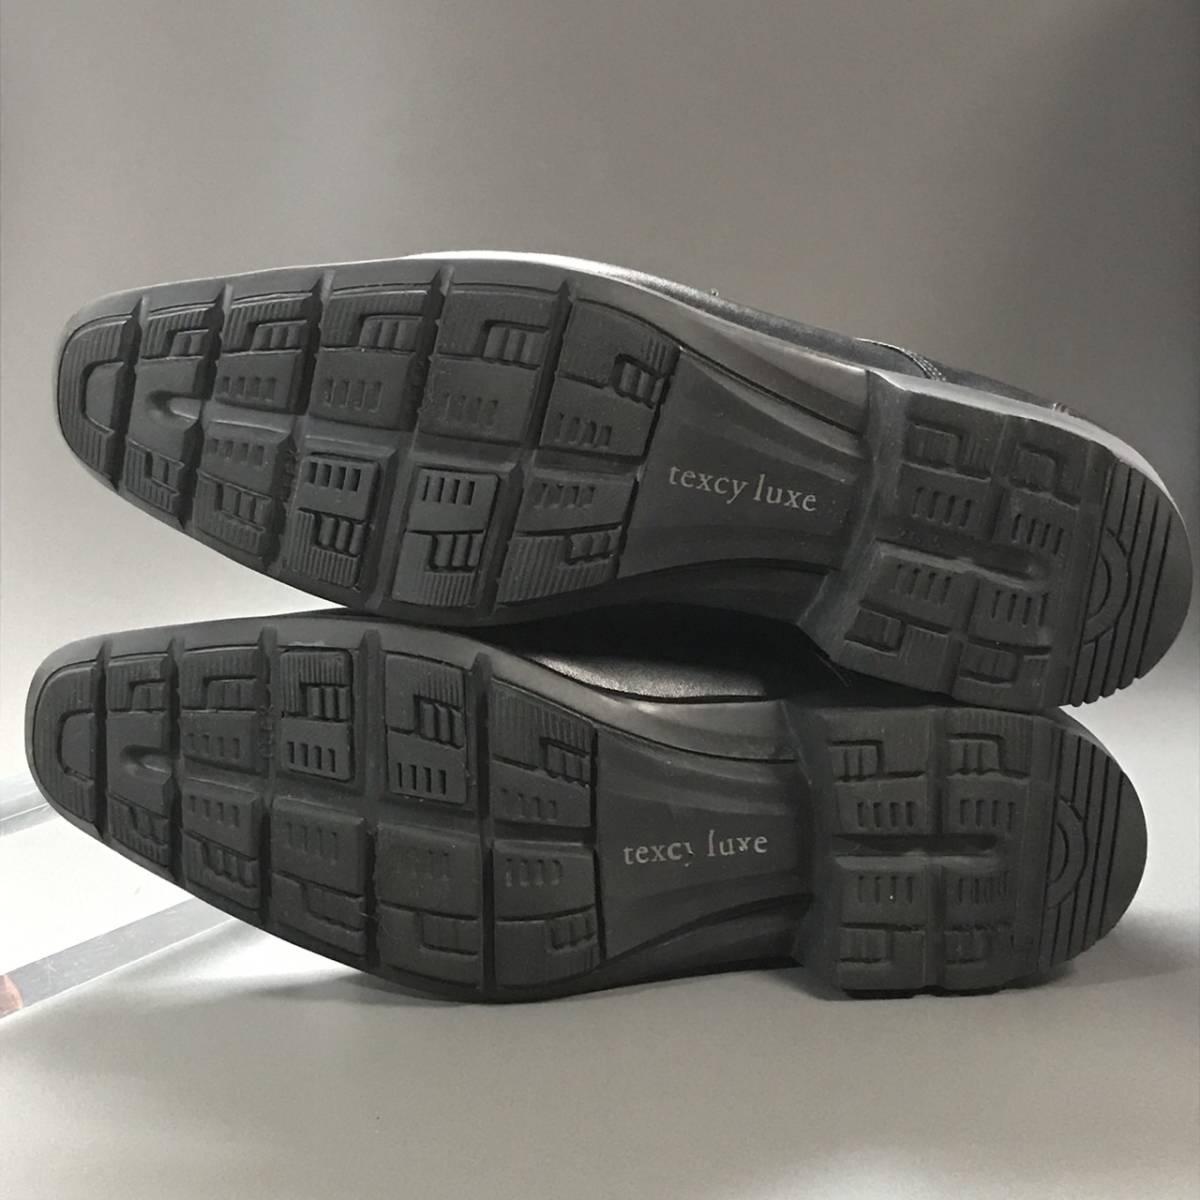 ☆ texcy luxe アシックス商事 TEXCY LUXE 本革軽量 Uチップ ブラック 26.5㎝ テクシー ビジネスシューズ 革靴_画像6